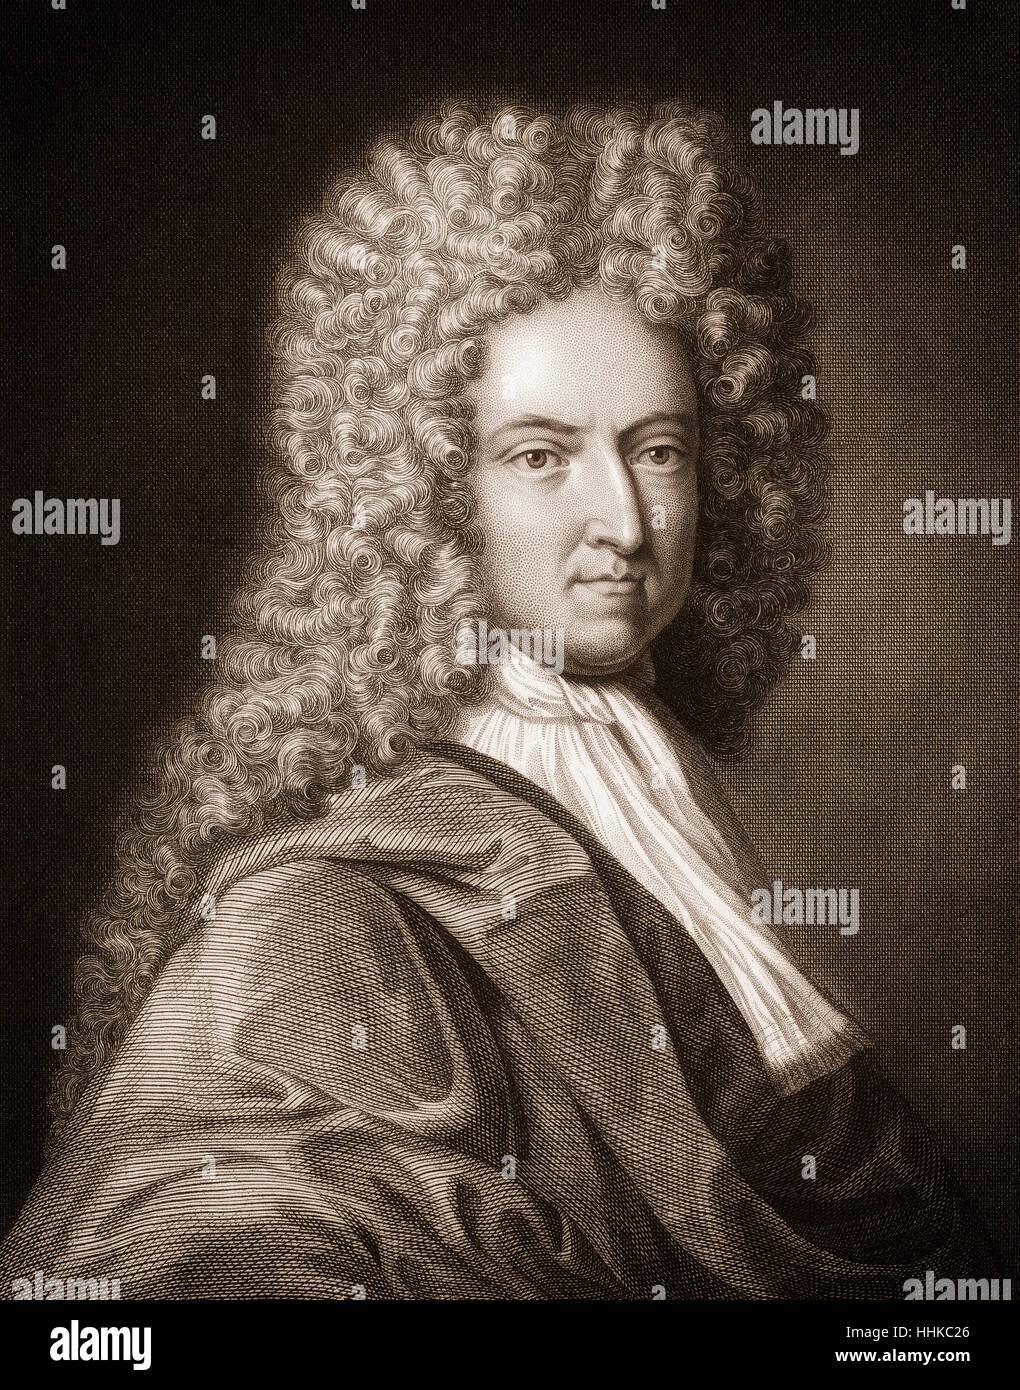 Daniel Defoe, 1661-1731, ein englischer Händler, Schriftsteller und Journalist, Autor von Robinson Crusoe, Stockbild